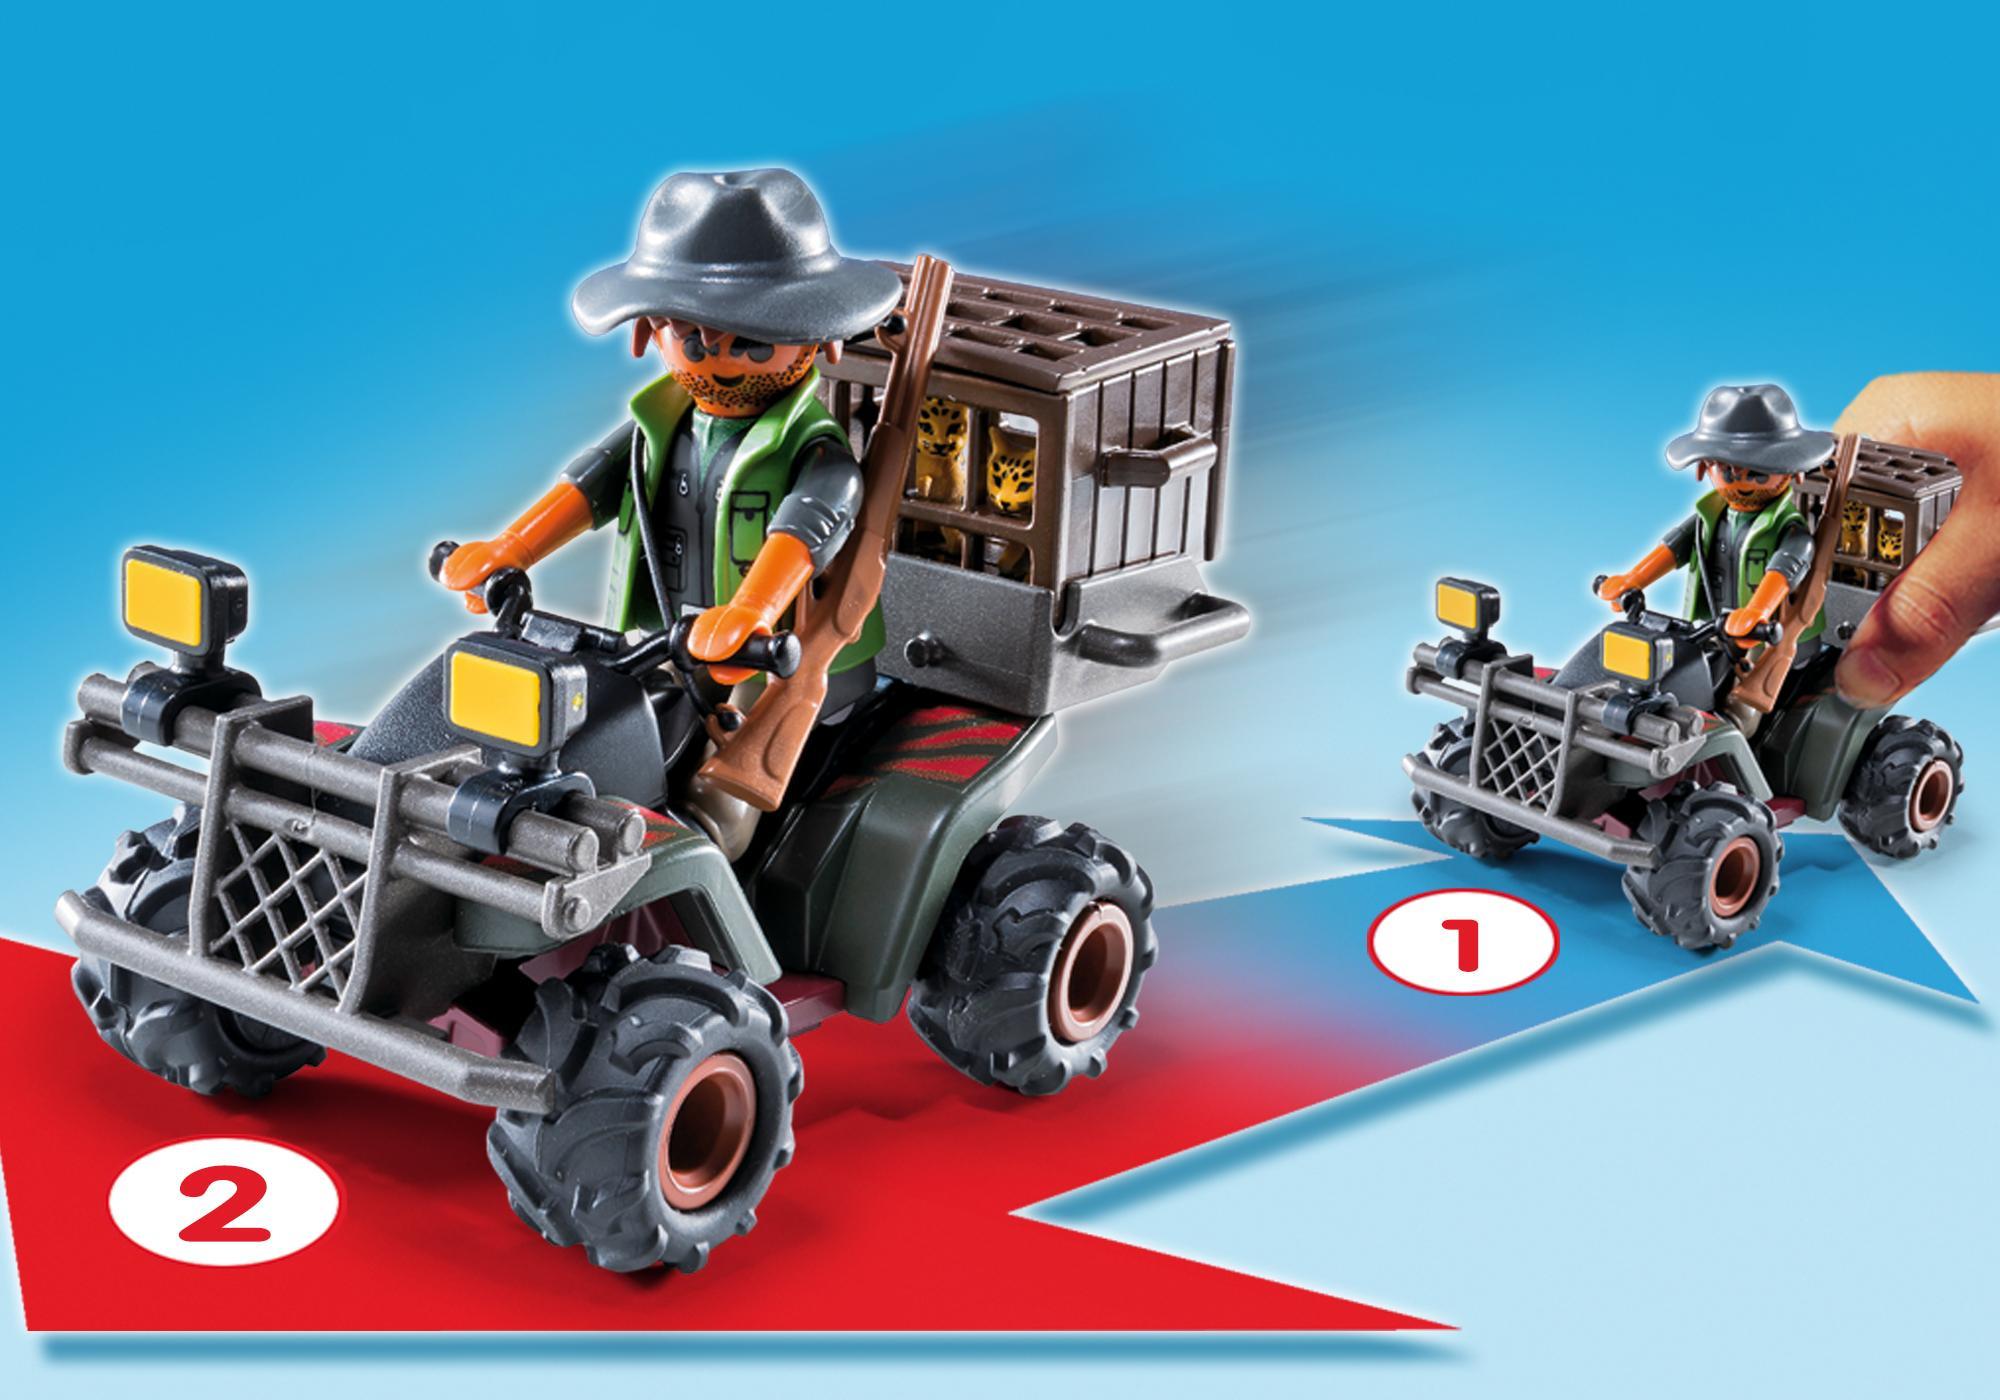 http://media.playmobil.com/i/playmobil/6939_product_extra1/Braconnier avec quad